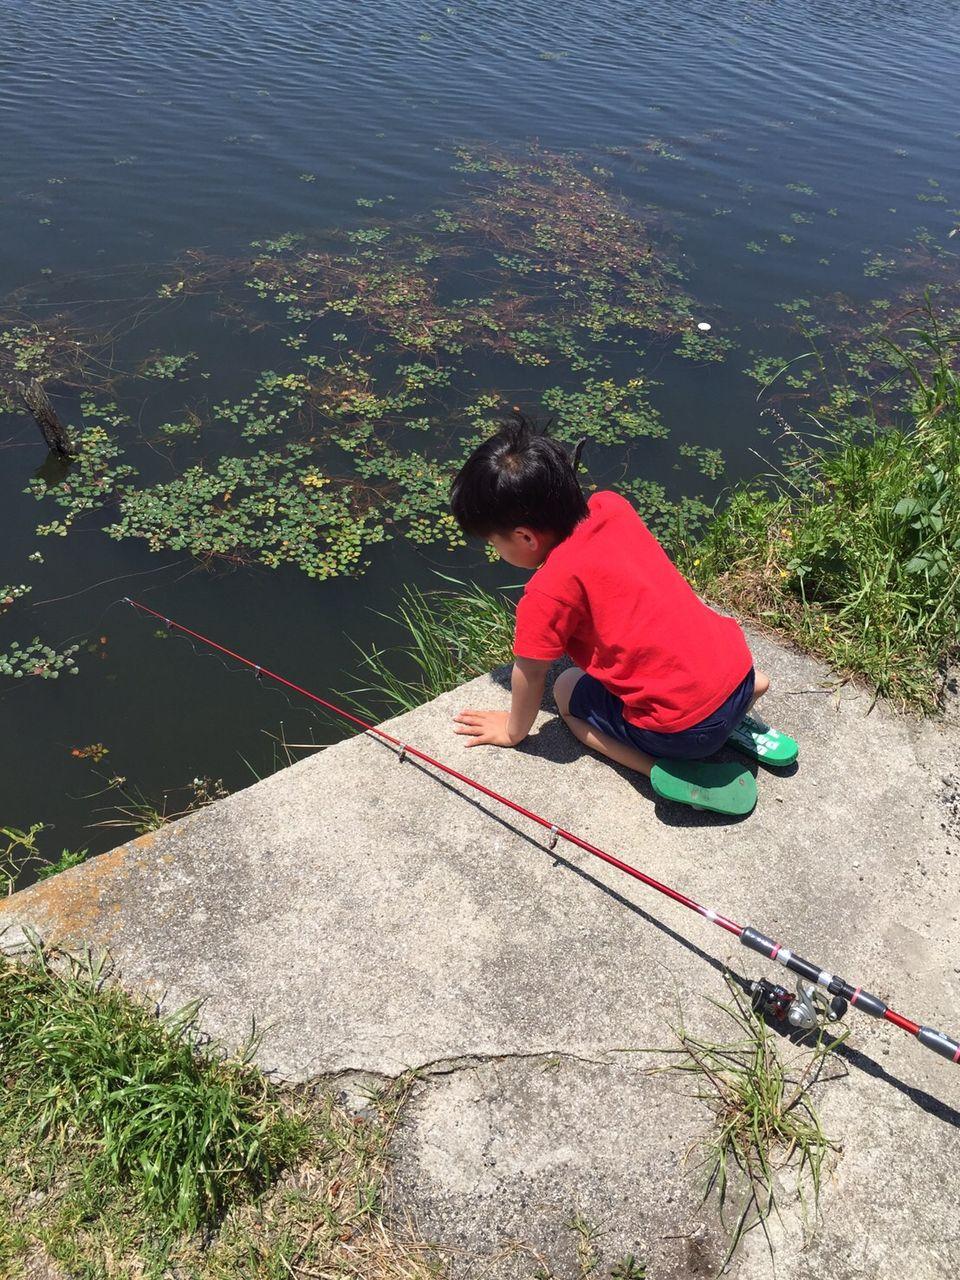 自転車の 自転車 転倒 子供 : 子供達は、魚が釣れなくて ...